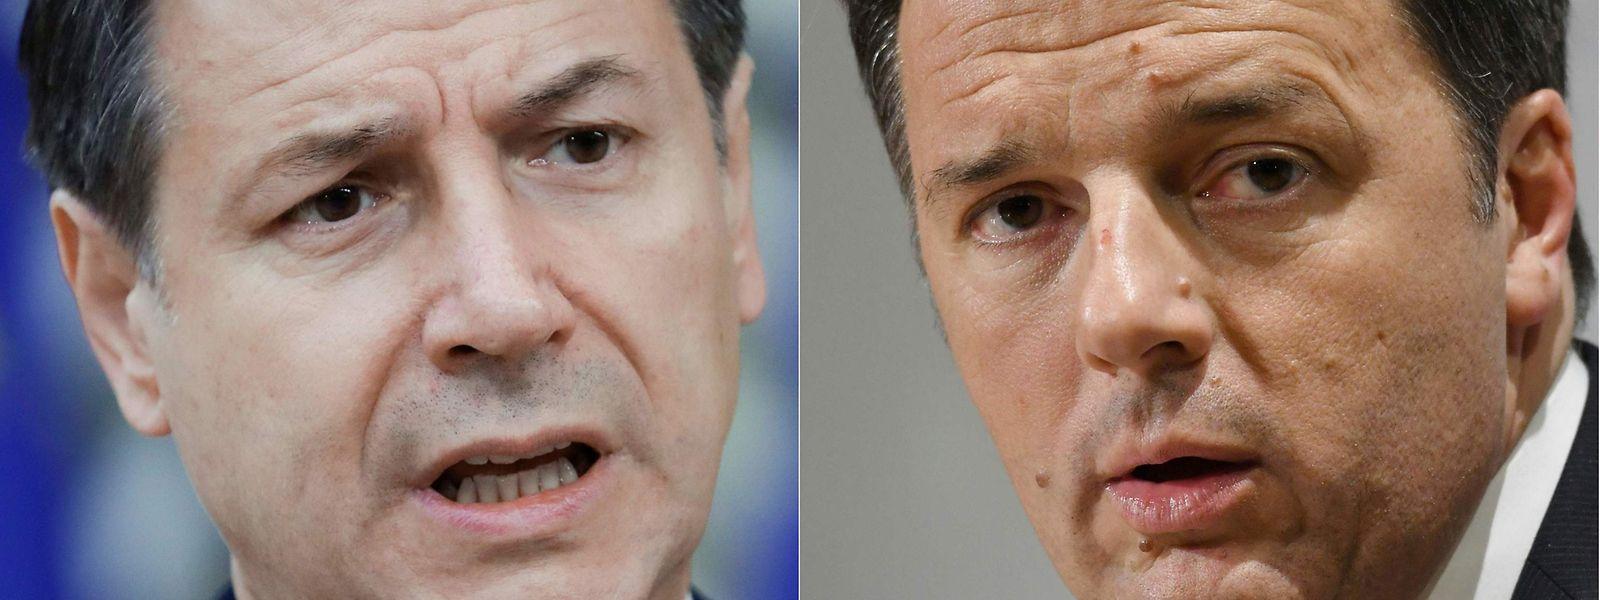 Der italienische Premierminister Giuseppe Conte (links) liegt im Clinch mit dem früheren Amtsinhaber Matteo Renzi.